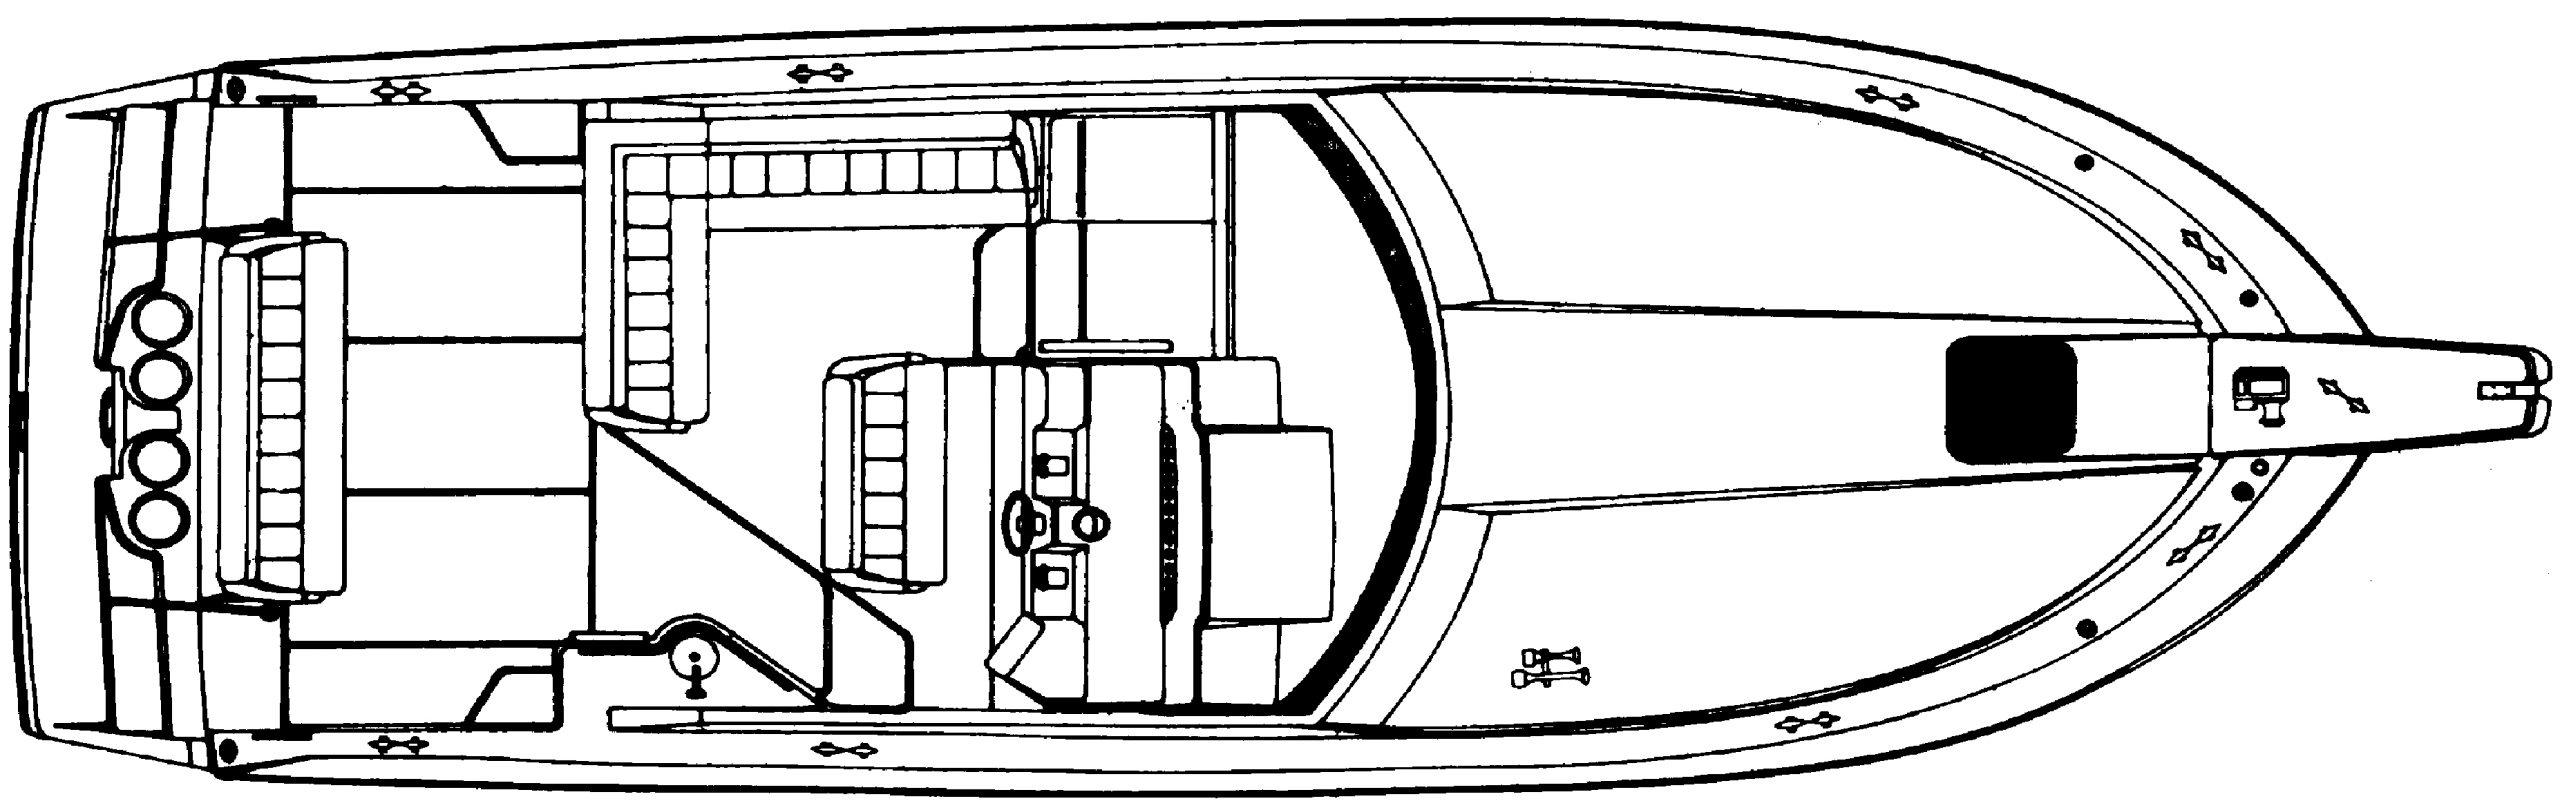 3557 Montego; 538 Montego; 380 Express Floor Plan 2